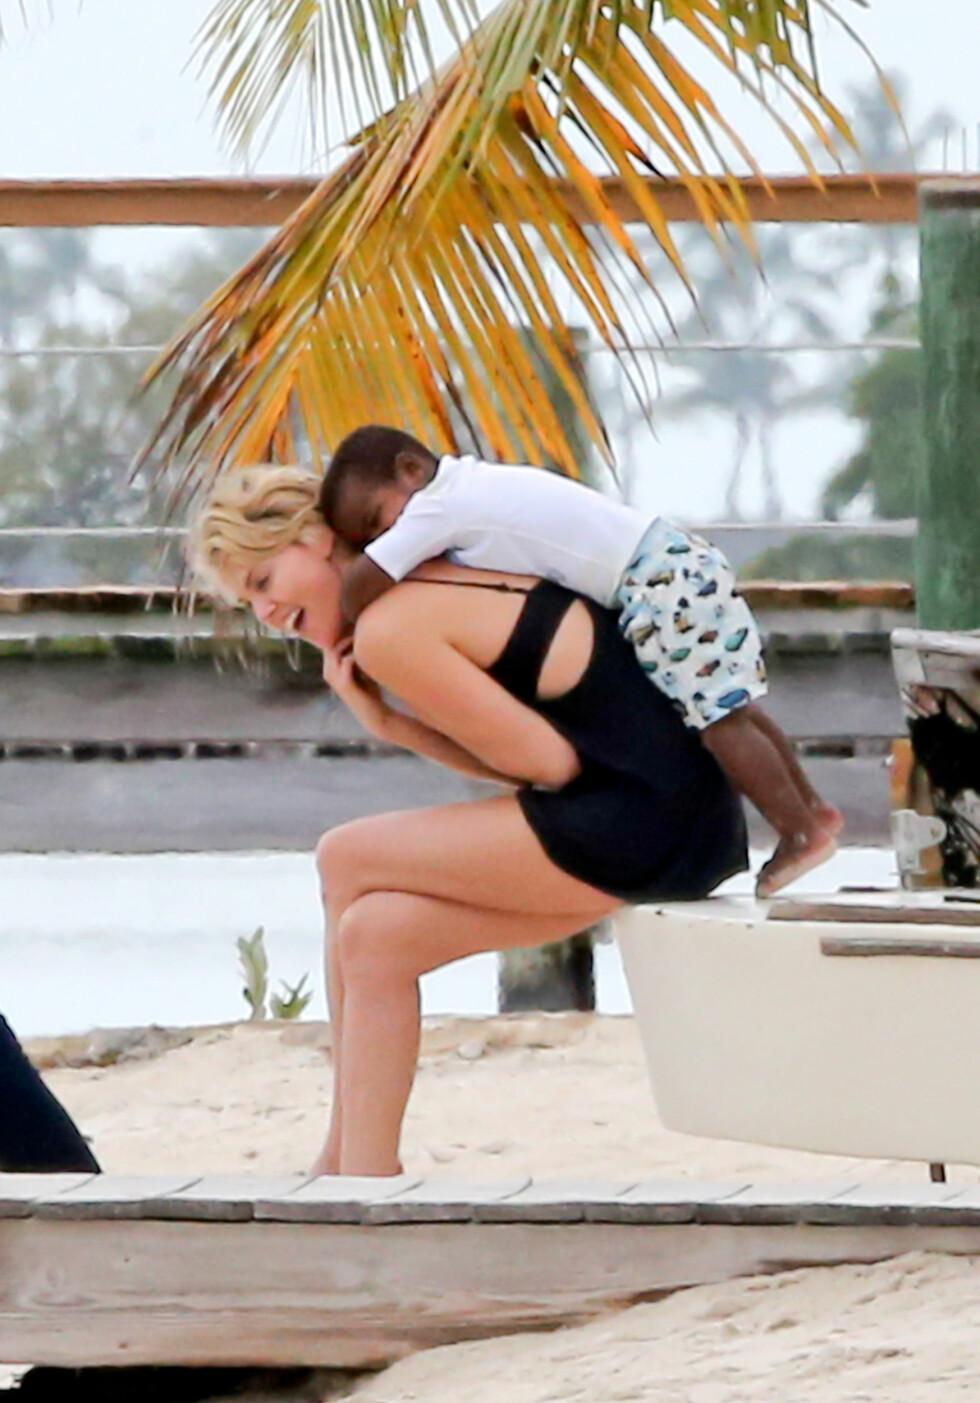 TIL FAMILIEALBUMET: De beste bildene fra Miami ble muligens tatt med barnepikens mobiltelefon og ikke av de profesjonelle fotografene.  Foto: FameFlynet